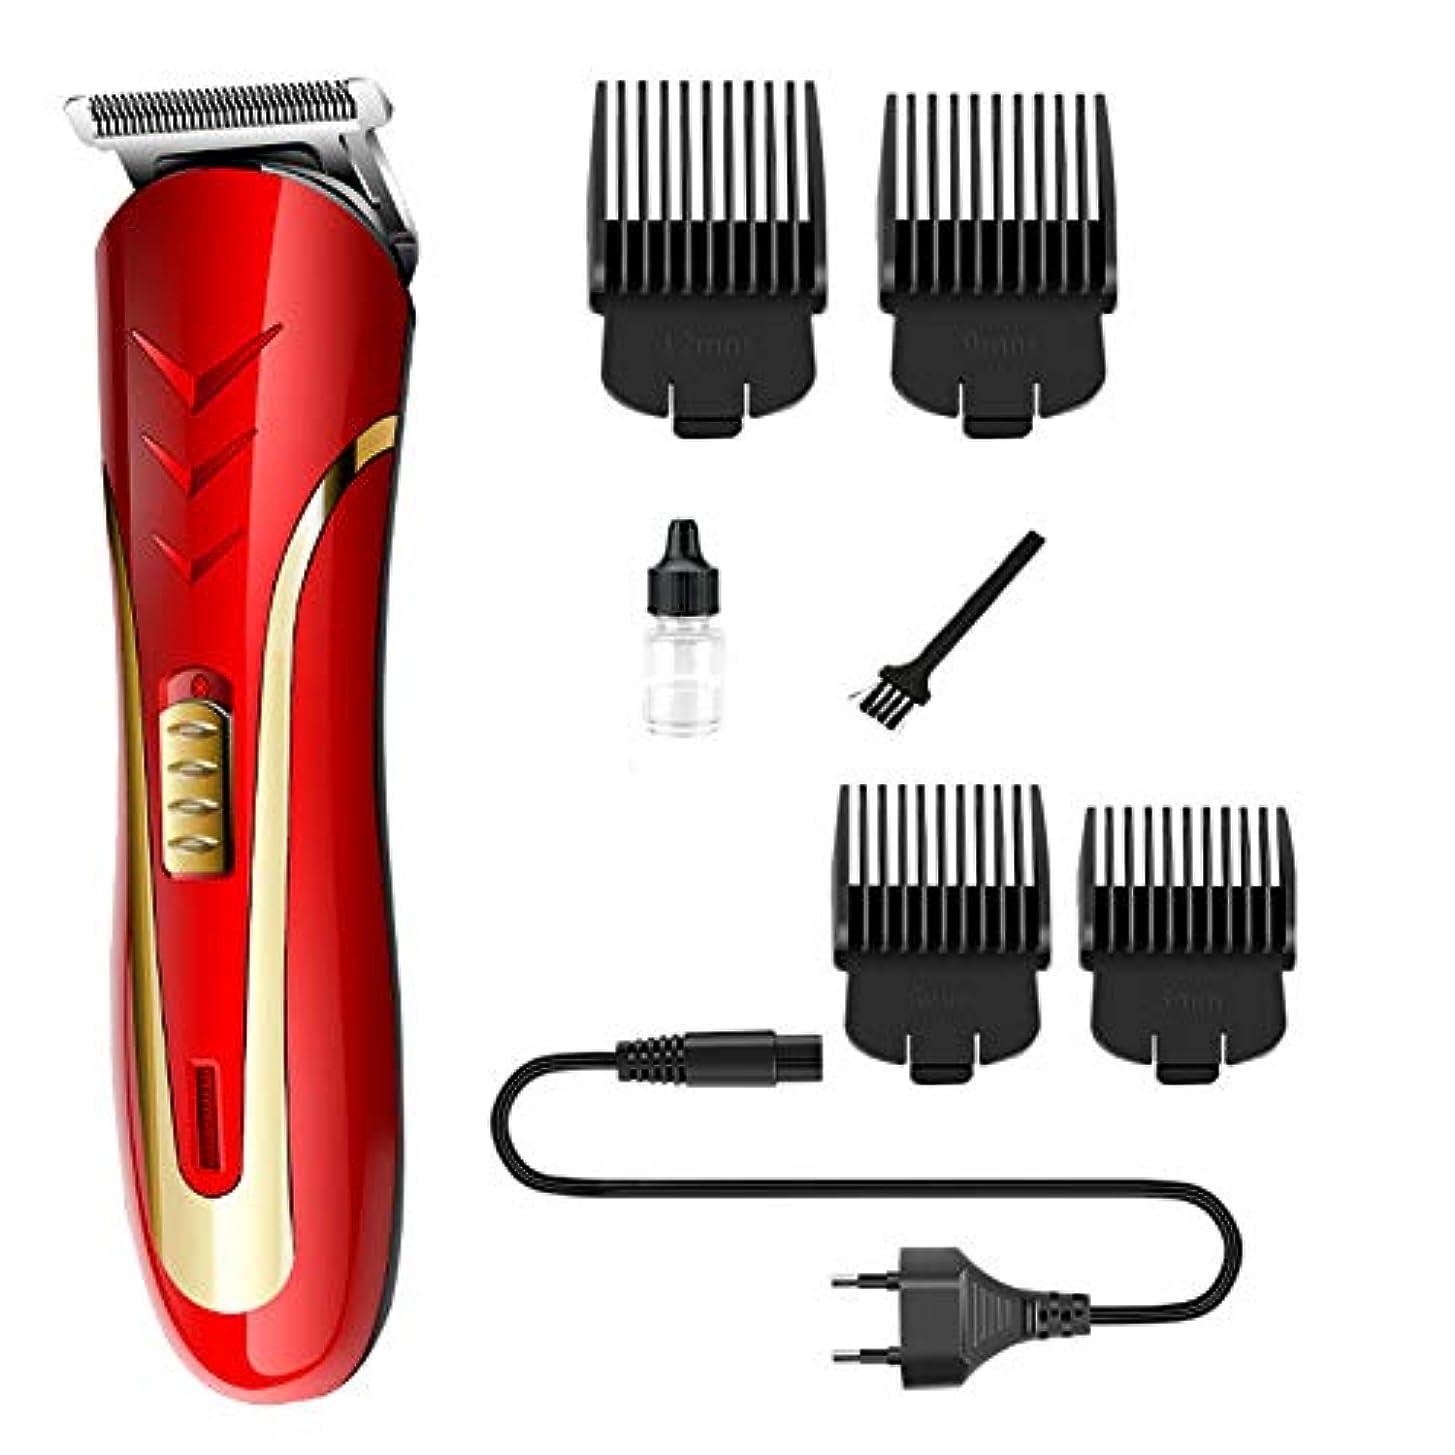 冗談でおばさんコンベンションプロフェッショナルヘアトリマー充電式電動かみそりの男性ひげ剃りの電気毛クリッパーカッター